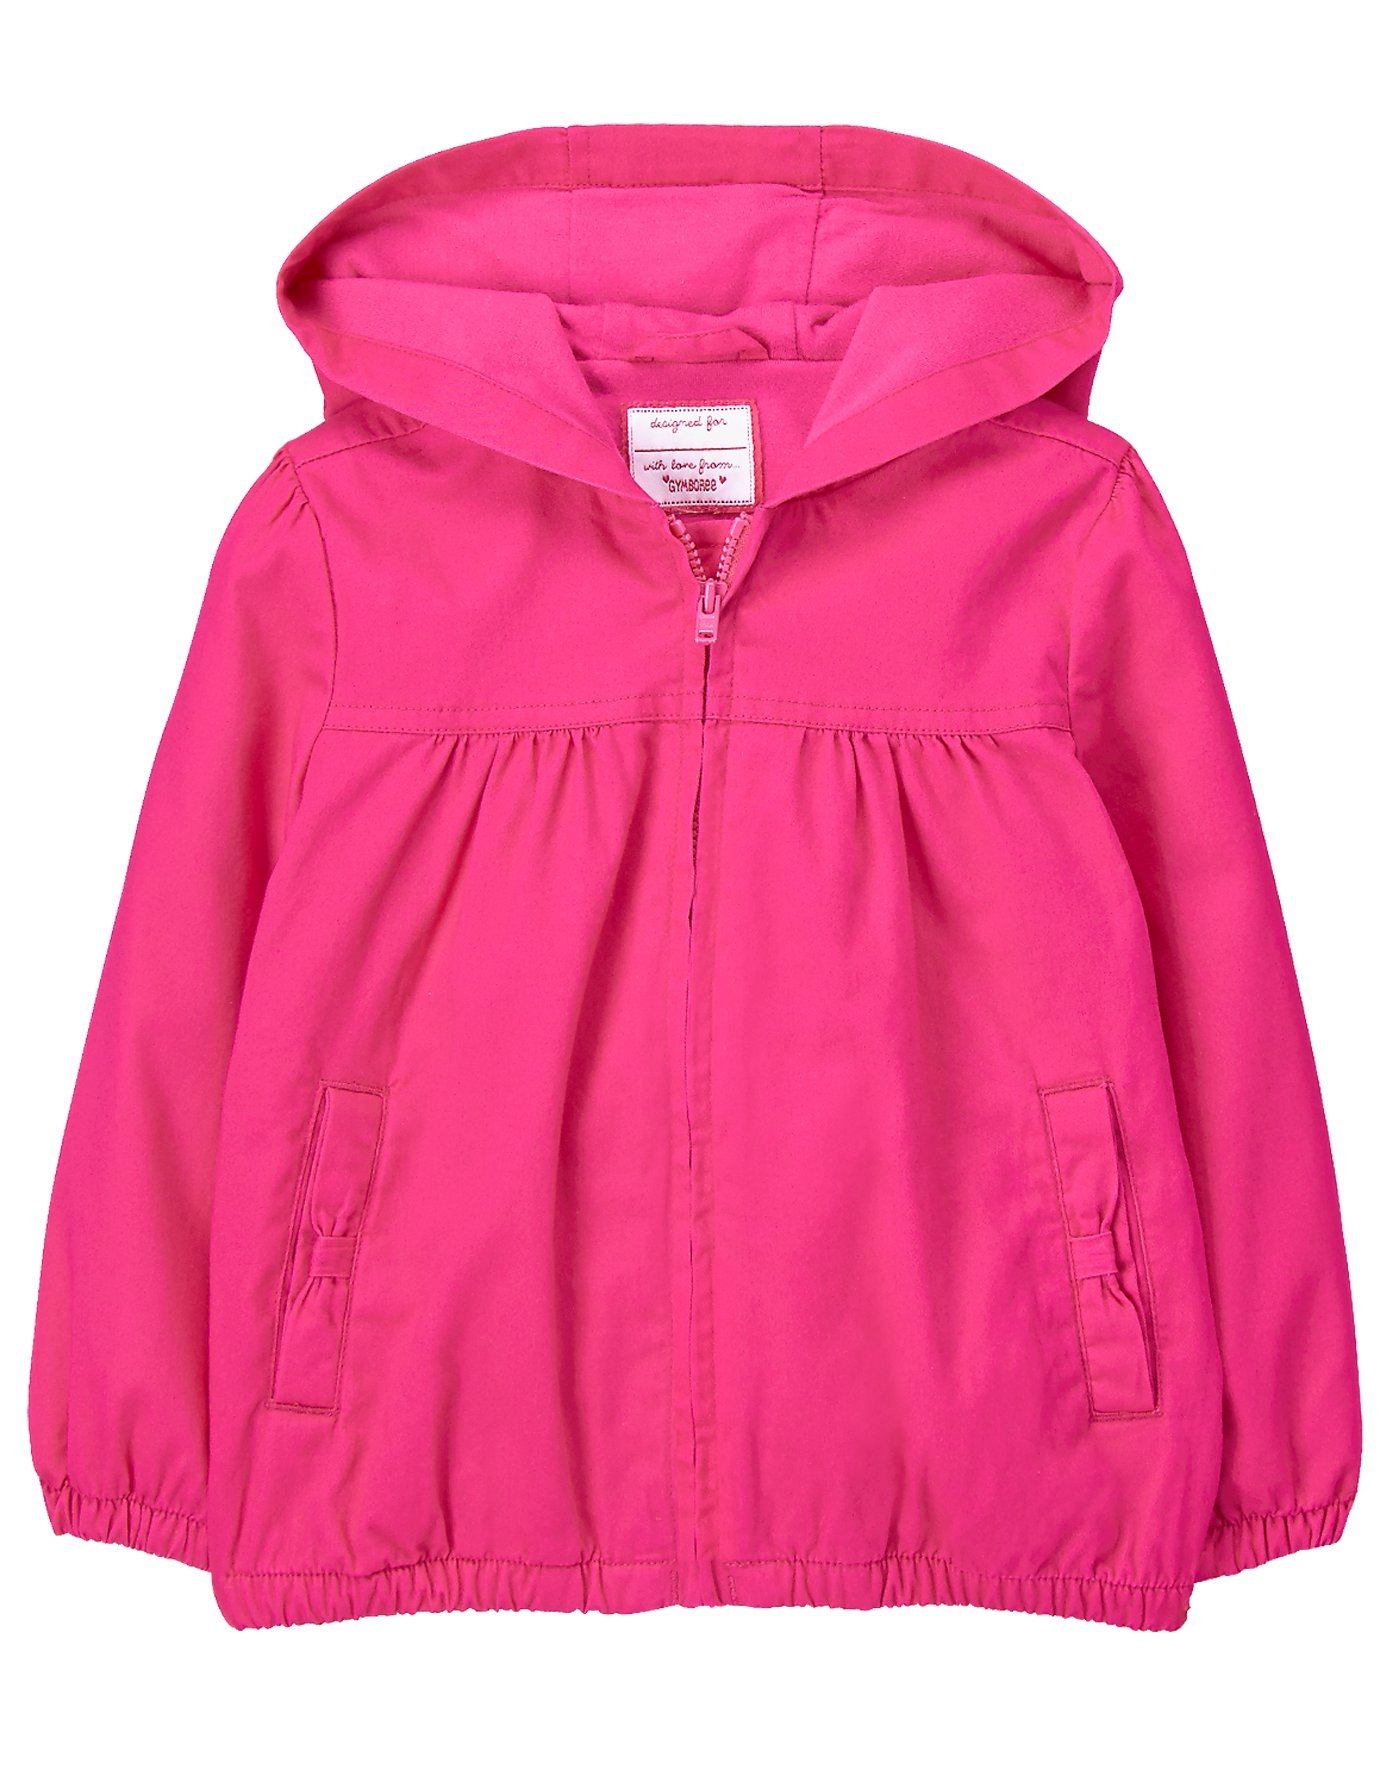 Gymboree Toddler Girls' Utility Jacket, Turquoise Bliss, 2T